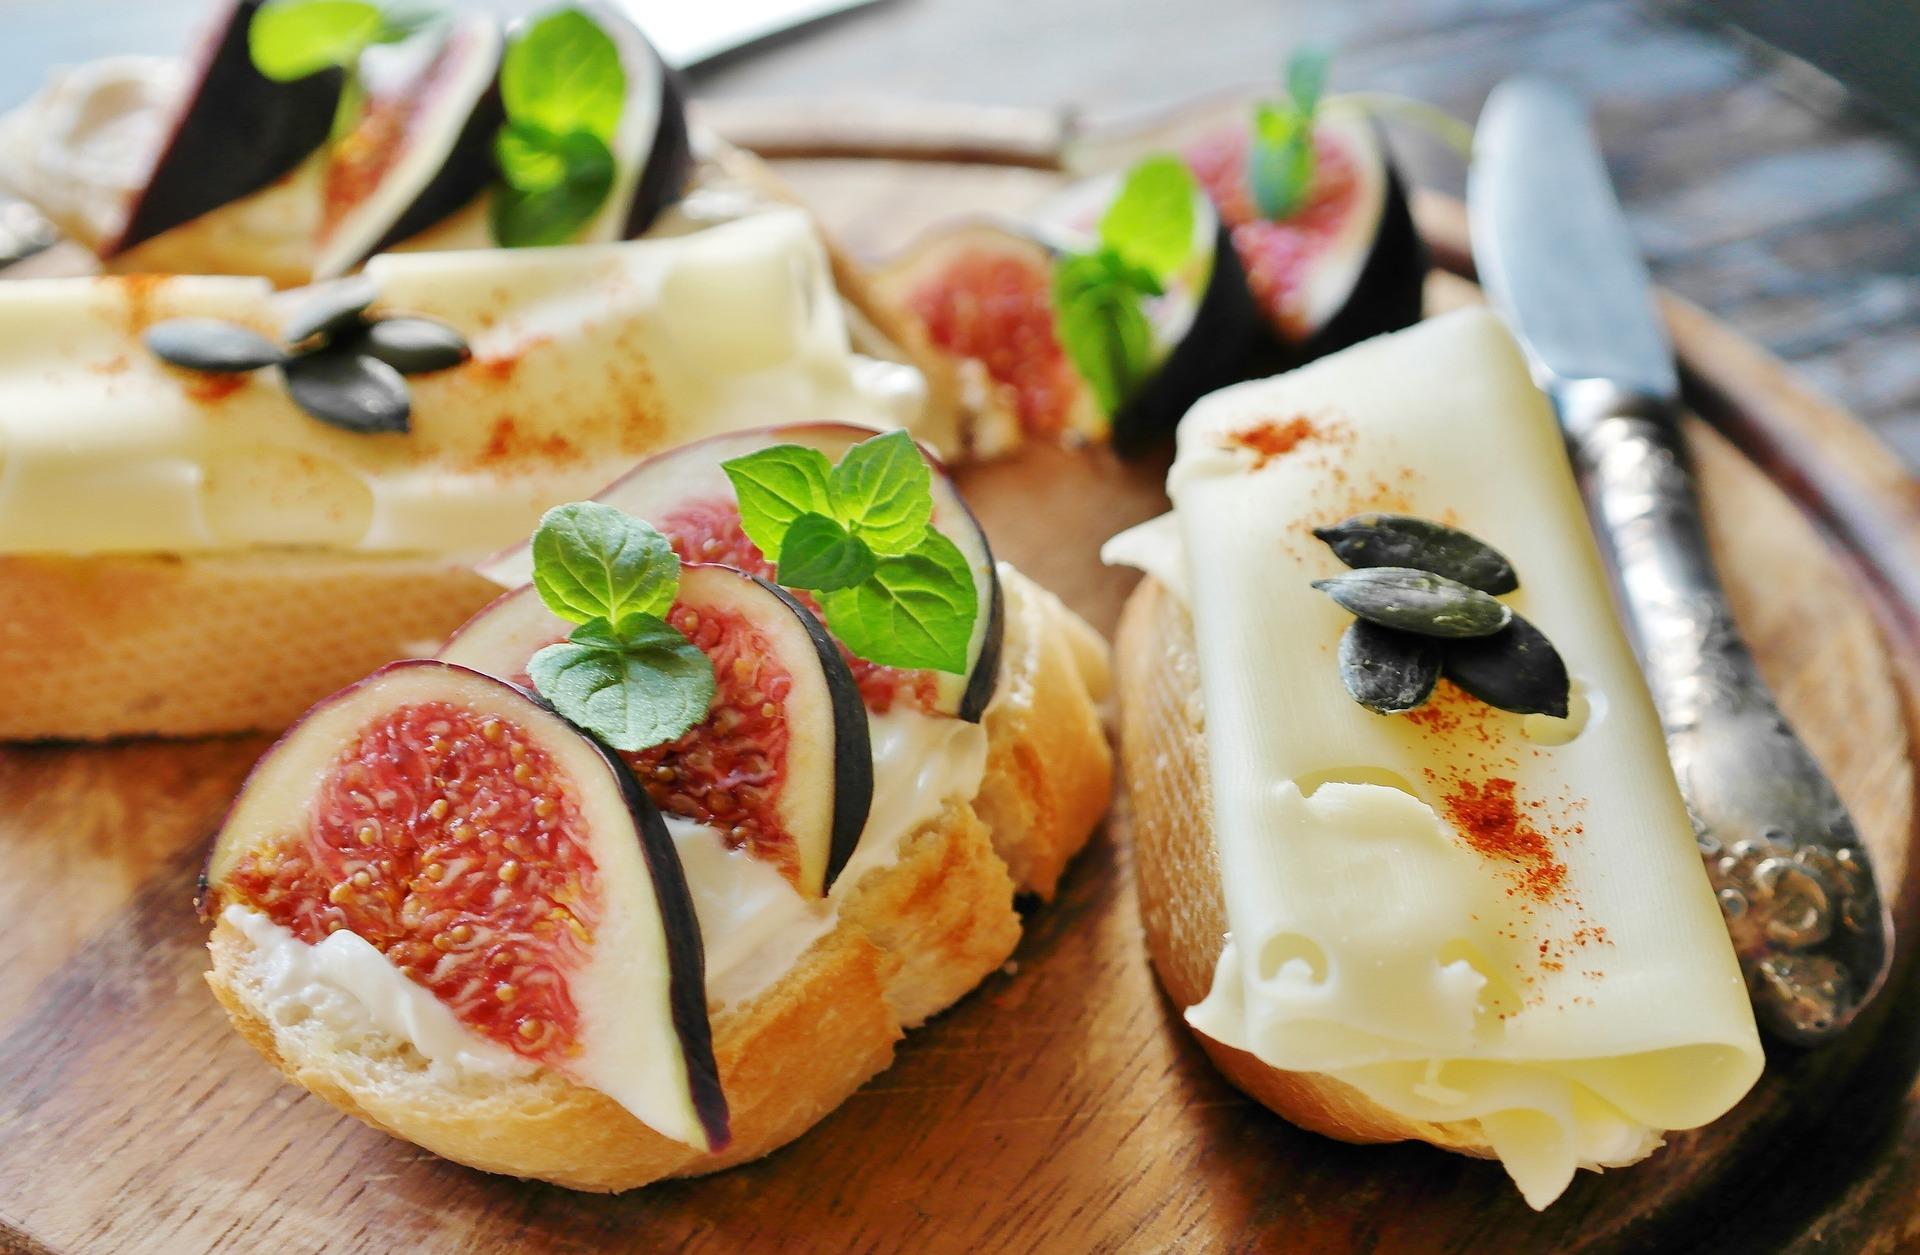 Antipasti Di Natale Toscani.Pranzo Di Natale Tradizionale Toscano Le Migliori Pietanze Food Blog